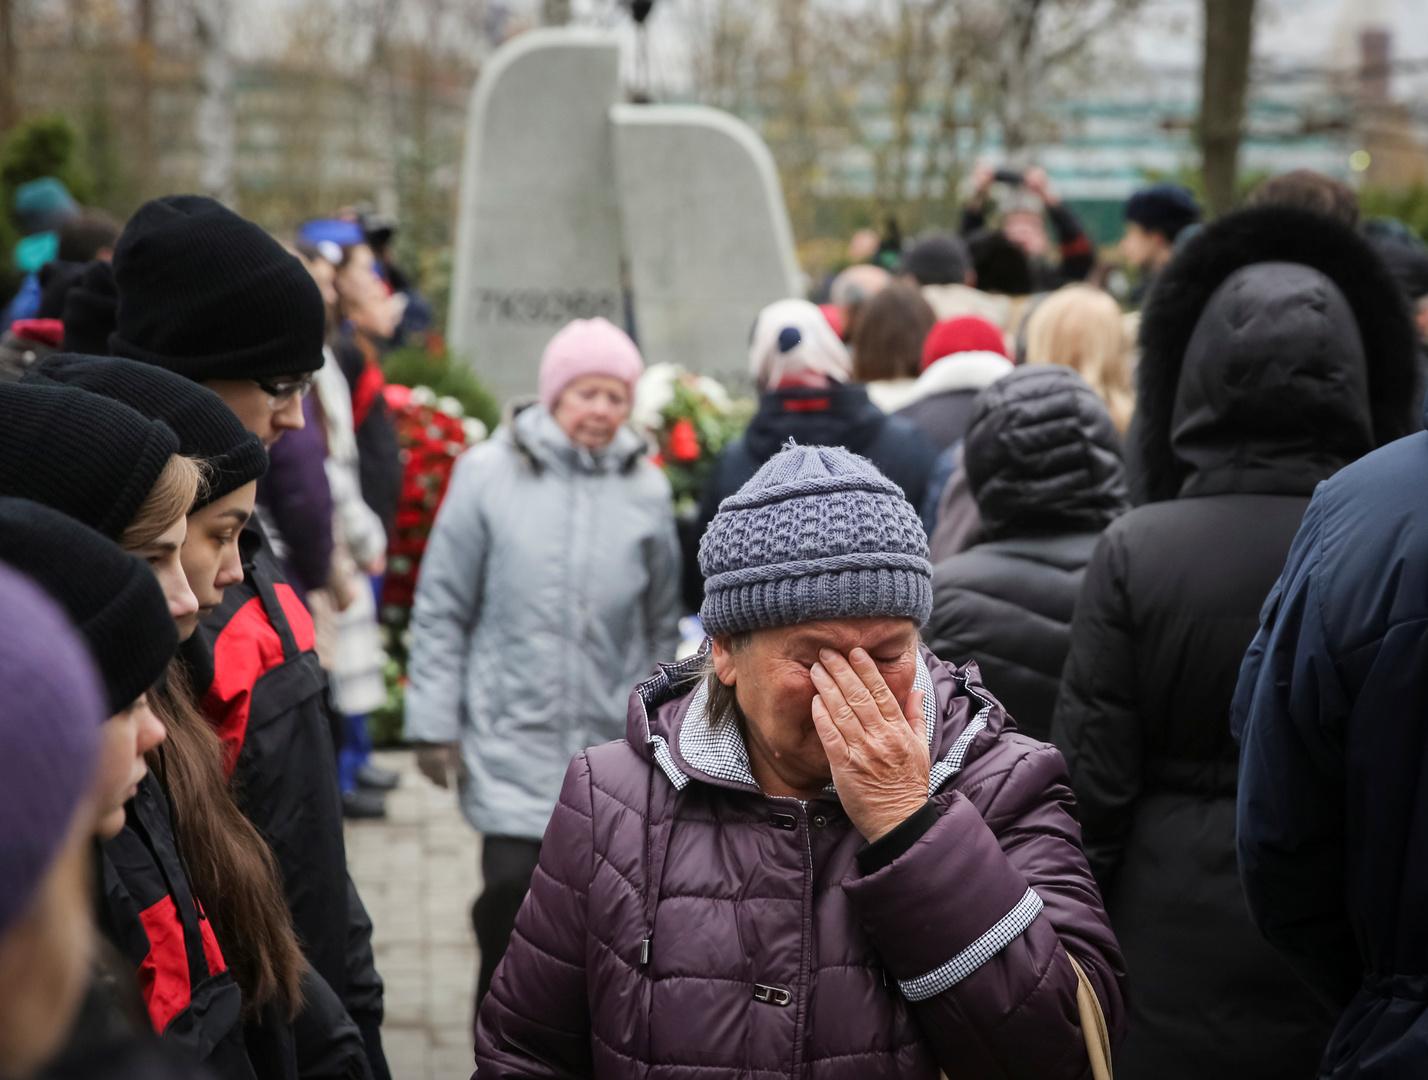 محكمة مصرية لا تعترف مجددا بكارثة الطائرة الروسية في سيناء عملا إرهابيا